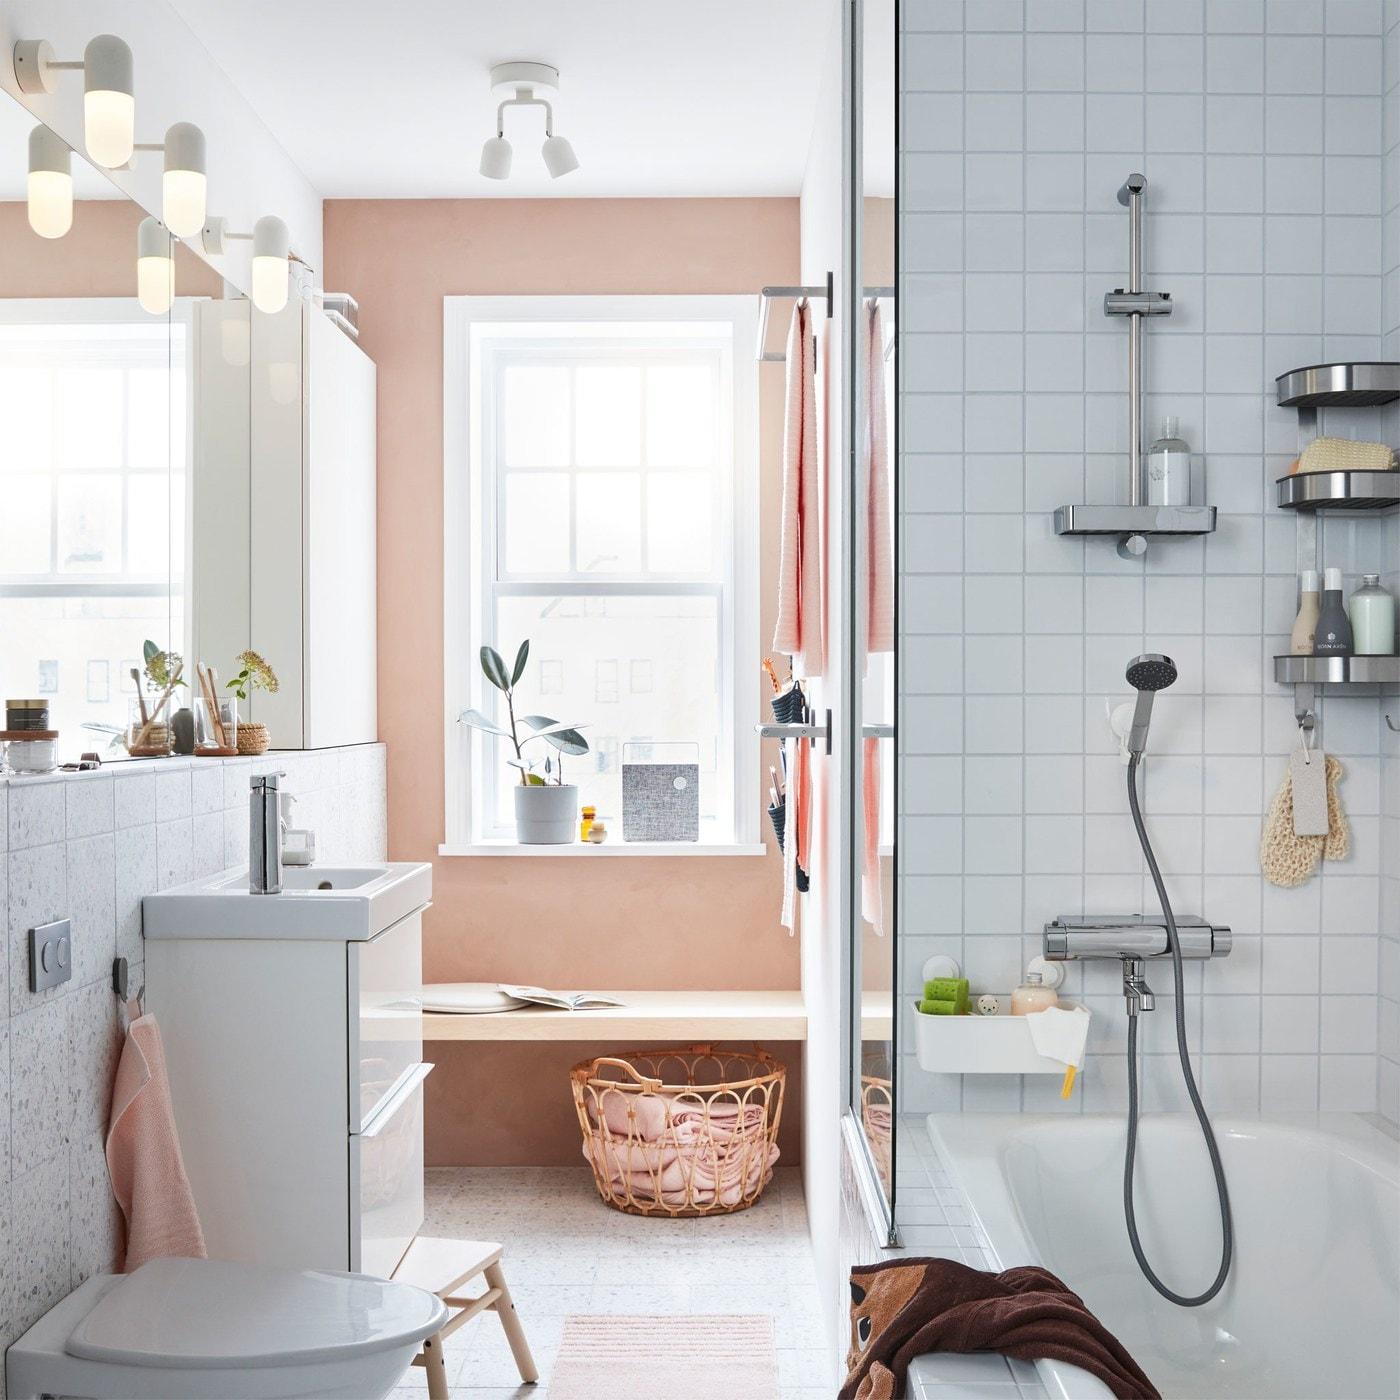 Nieuw Badkamergalerij - IKEA QC-67